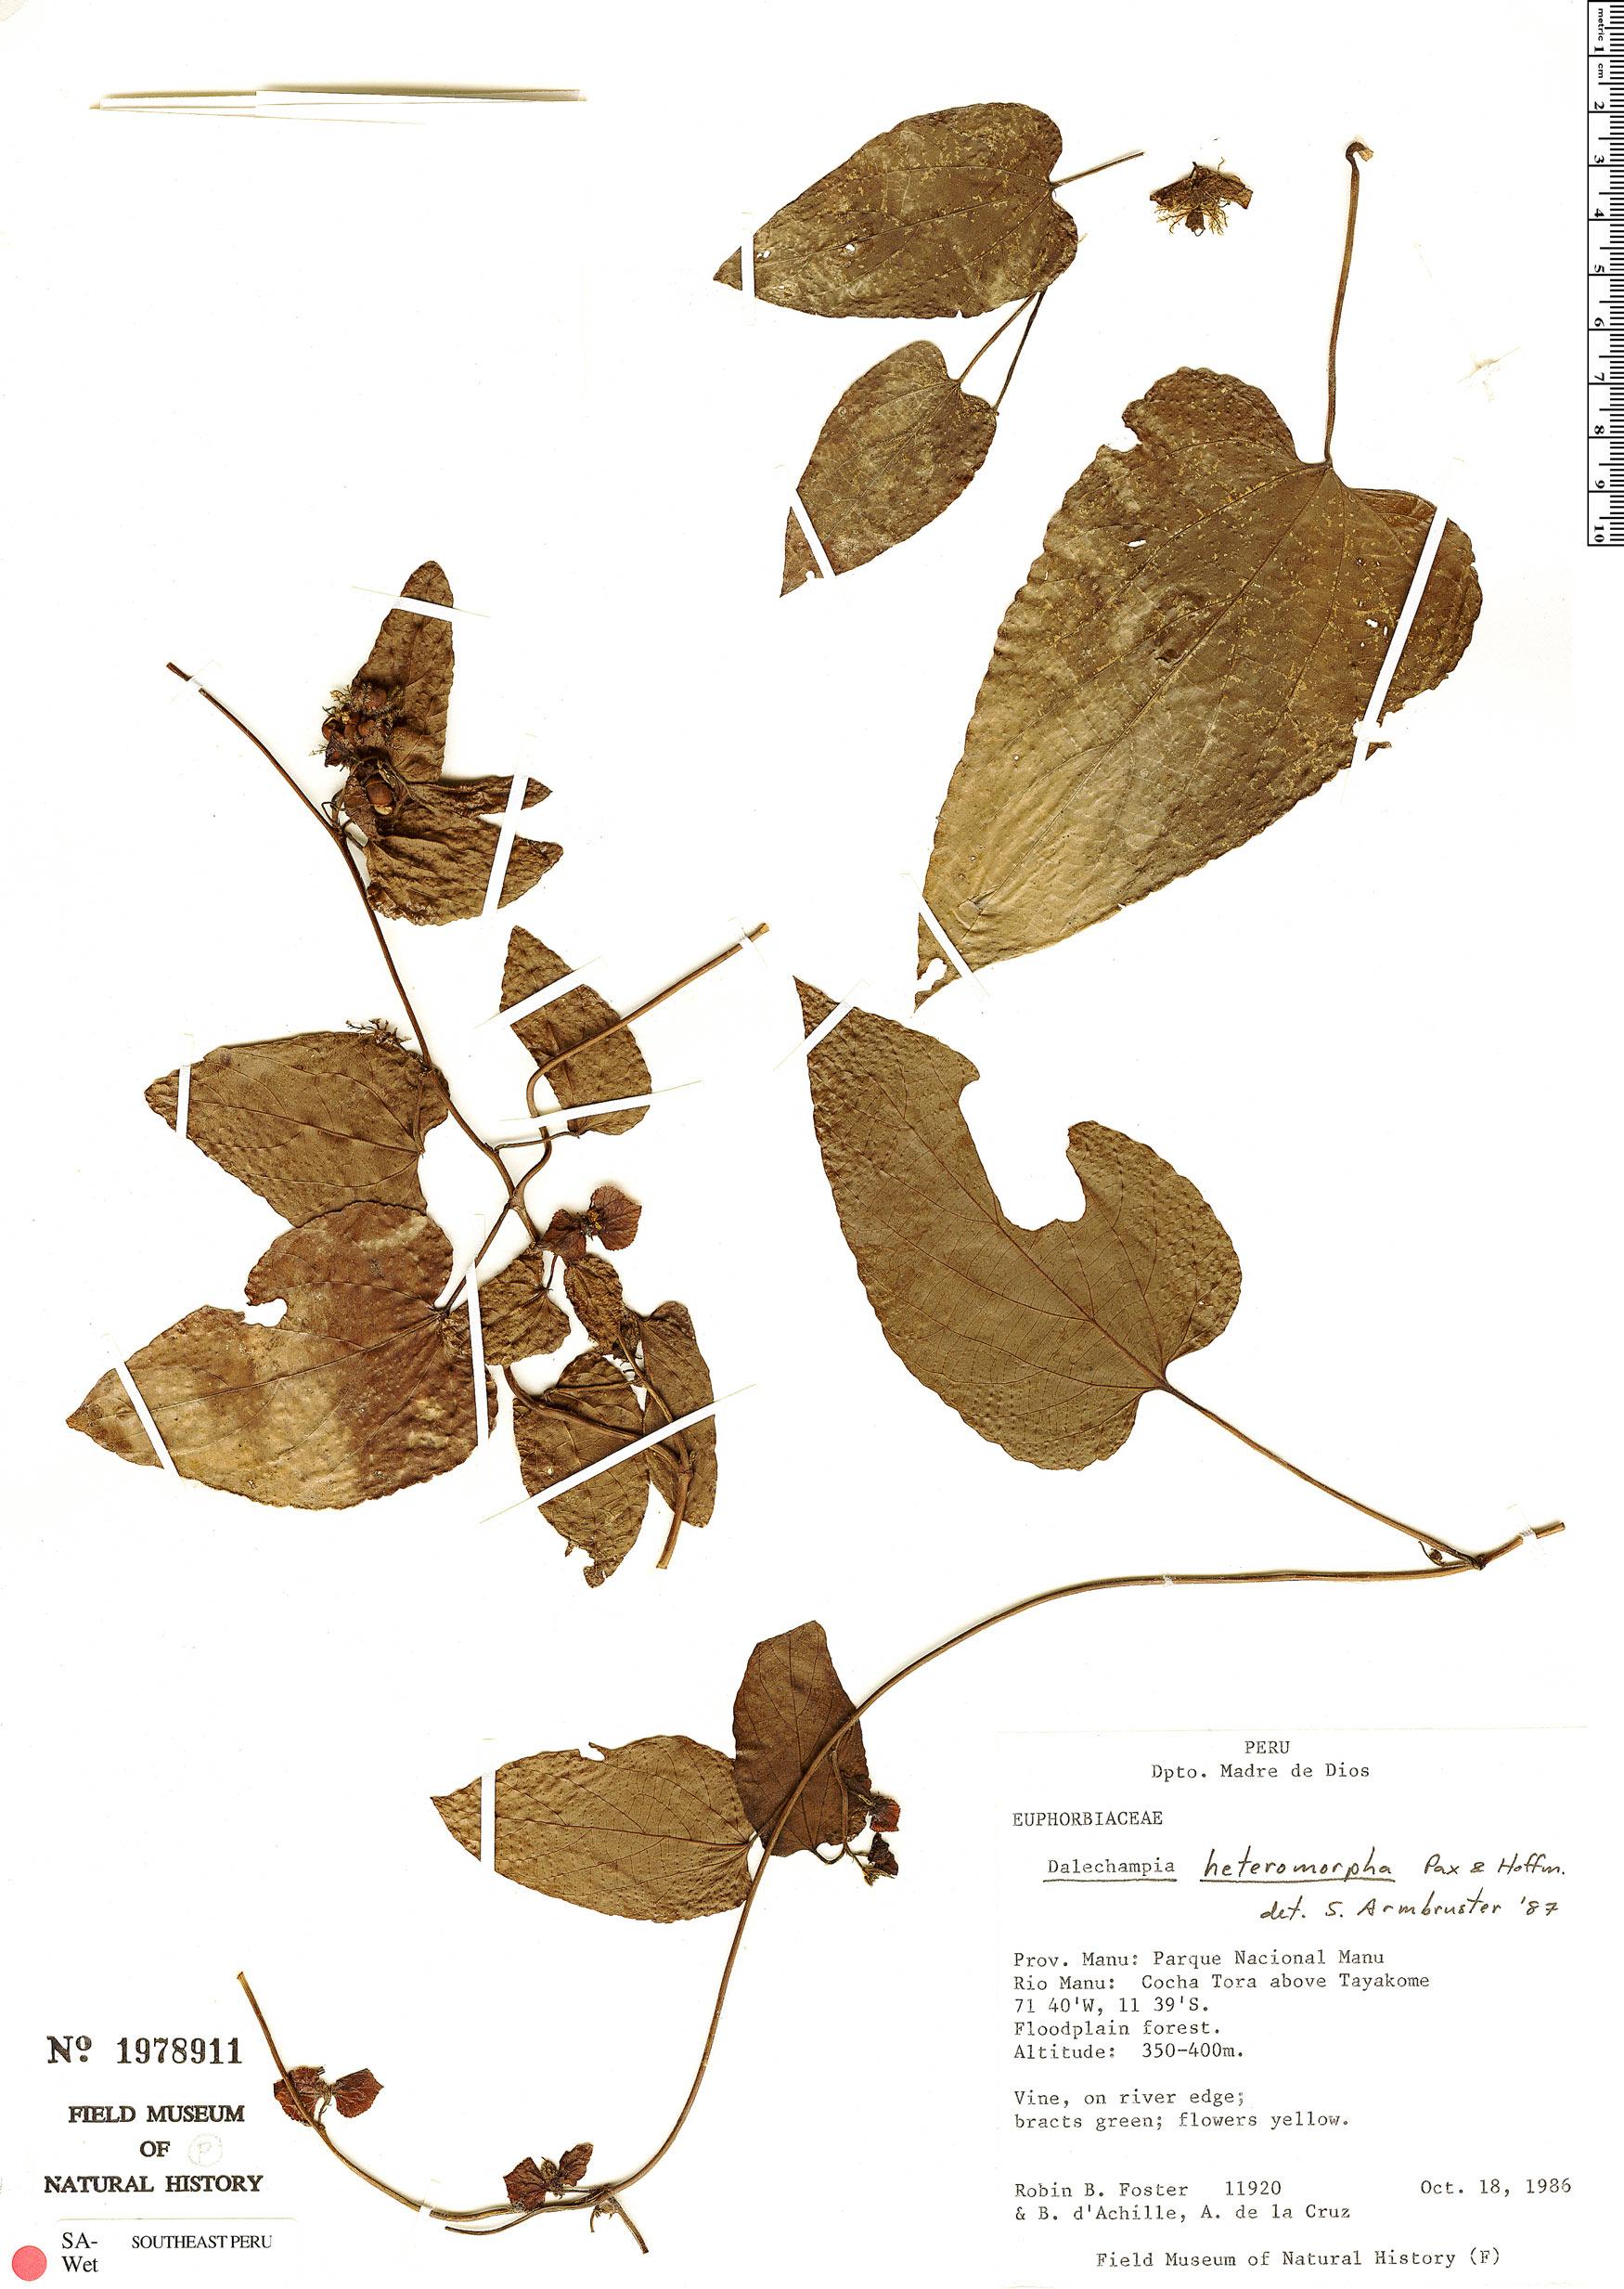 Specimen: Dalechampia heteromorpha